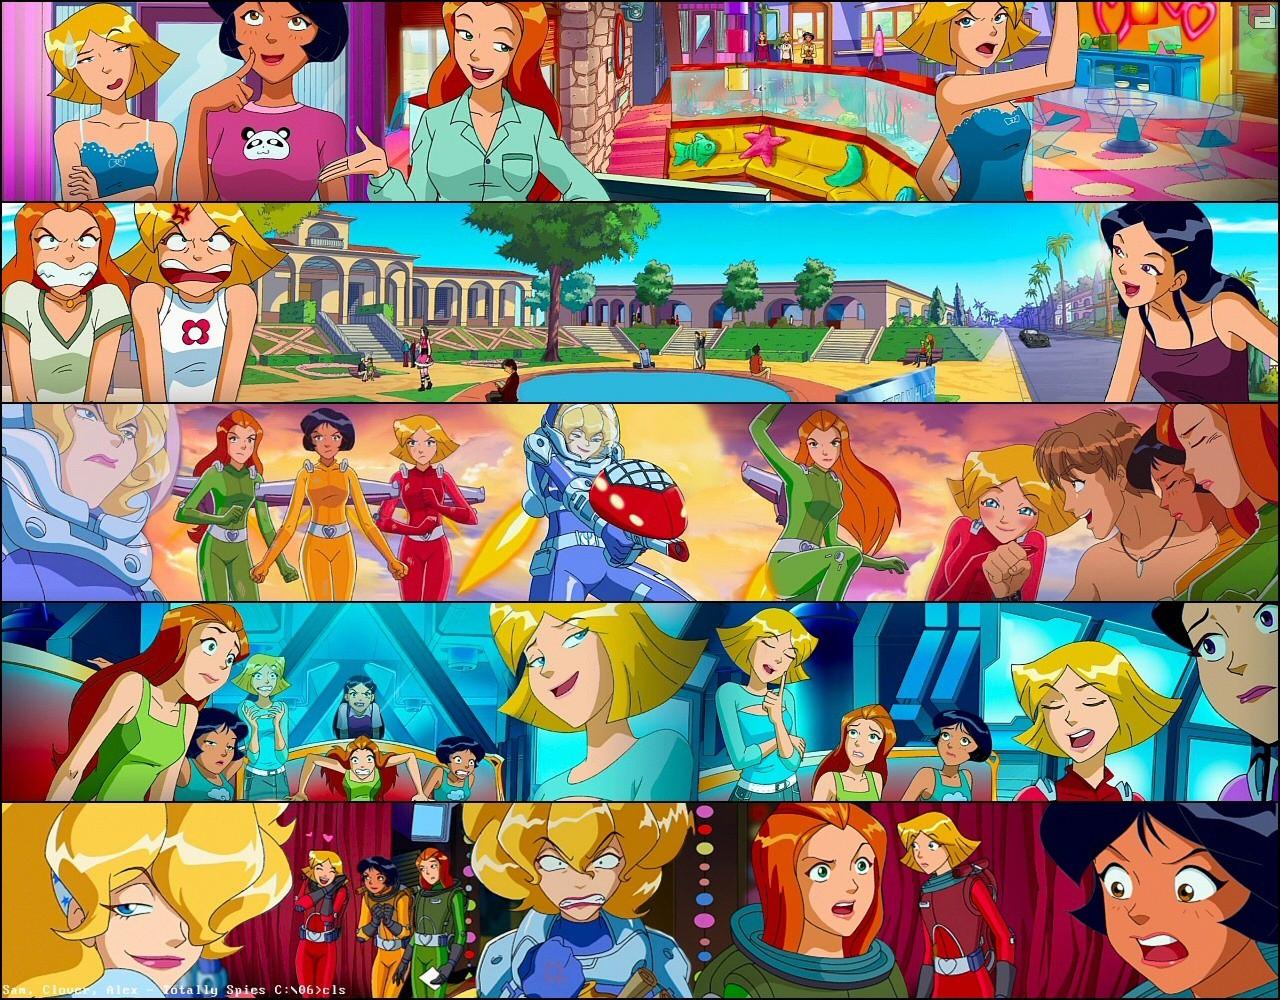 Xem đủ 11 phim hoạt hình này thì tuổi thơ của bạn đã trọn vẹn hơn rất nhiều người rồi đấy! (Phần 2) - Ảnh 9.